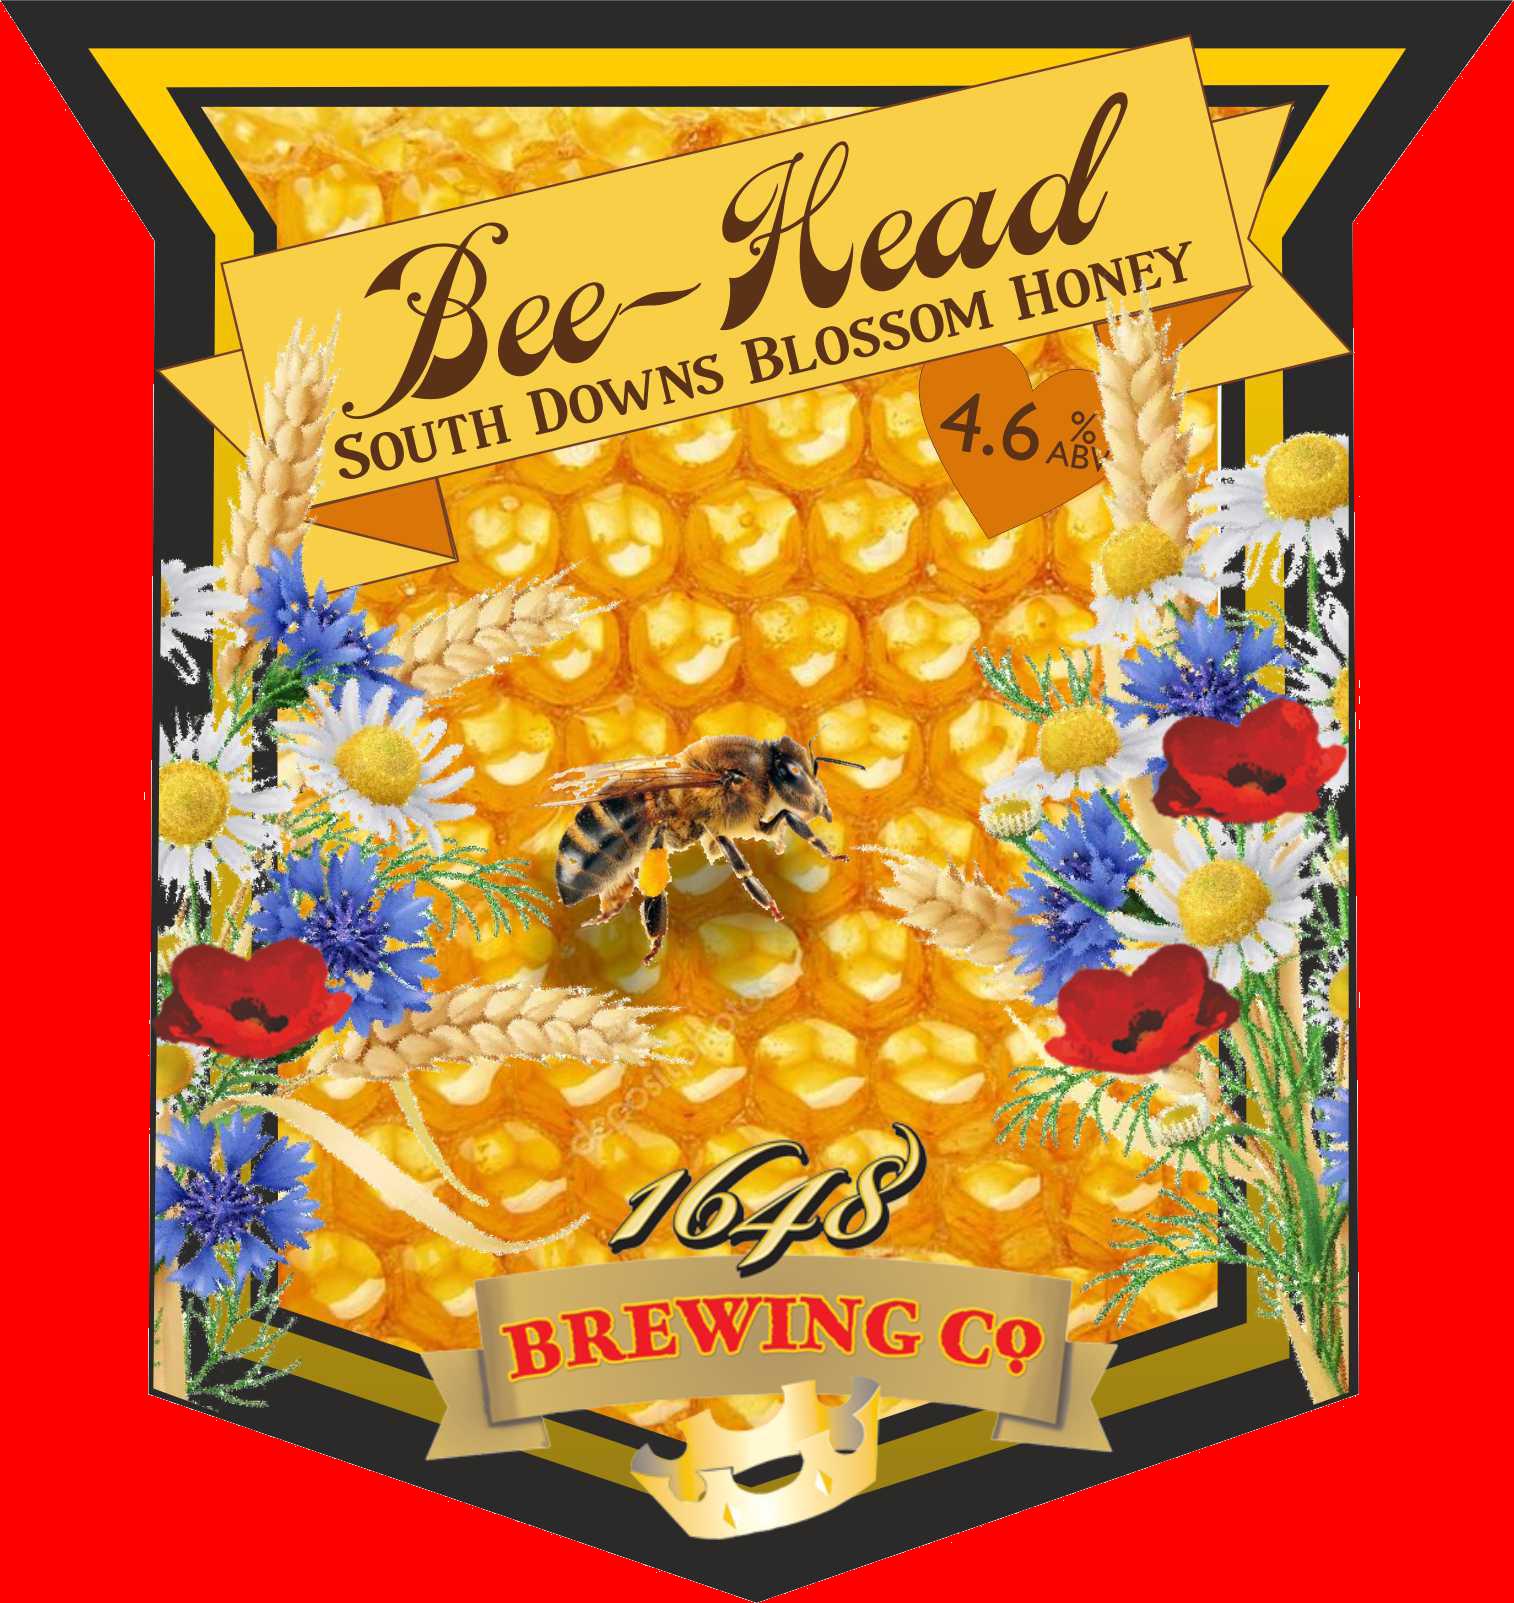 Bee Head 4.6%